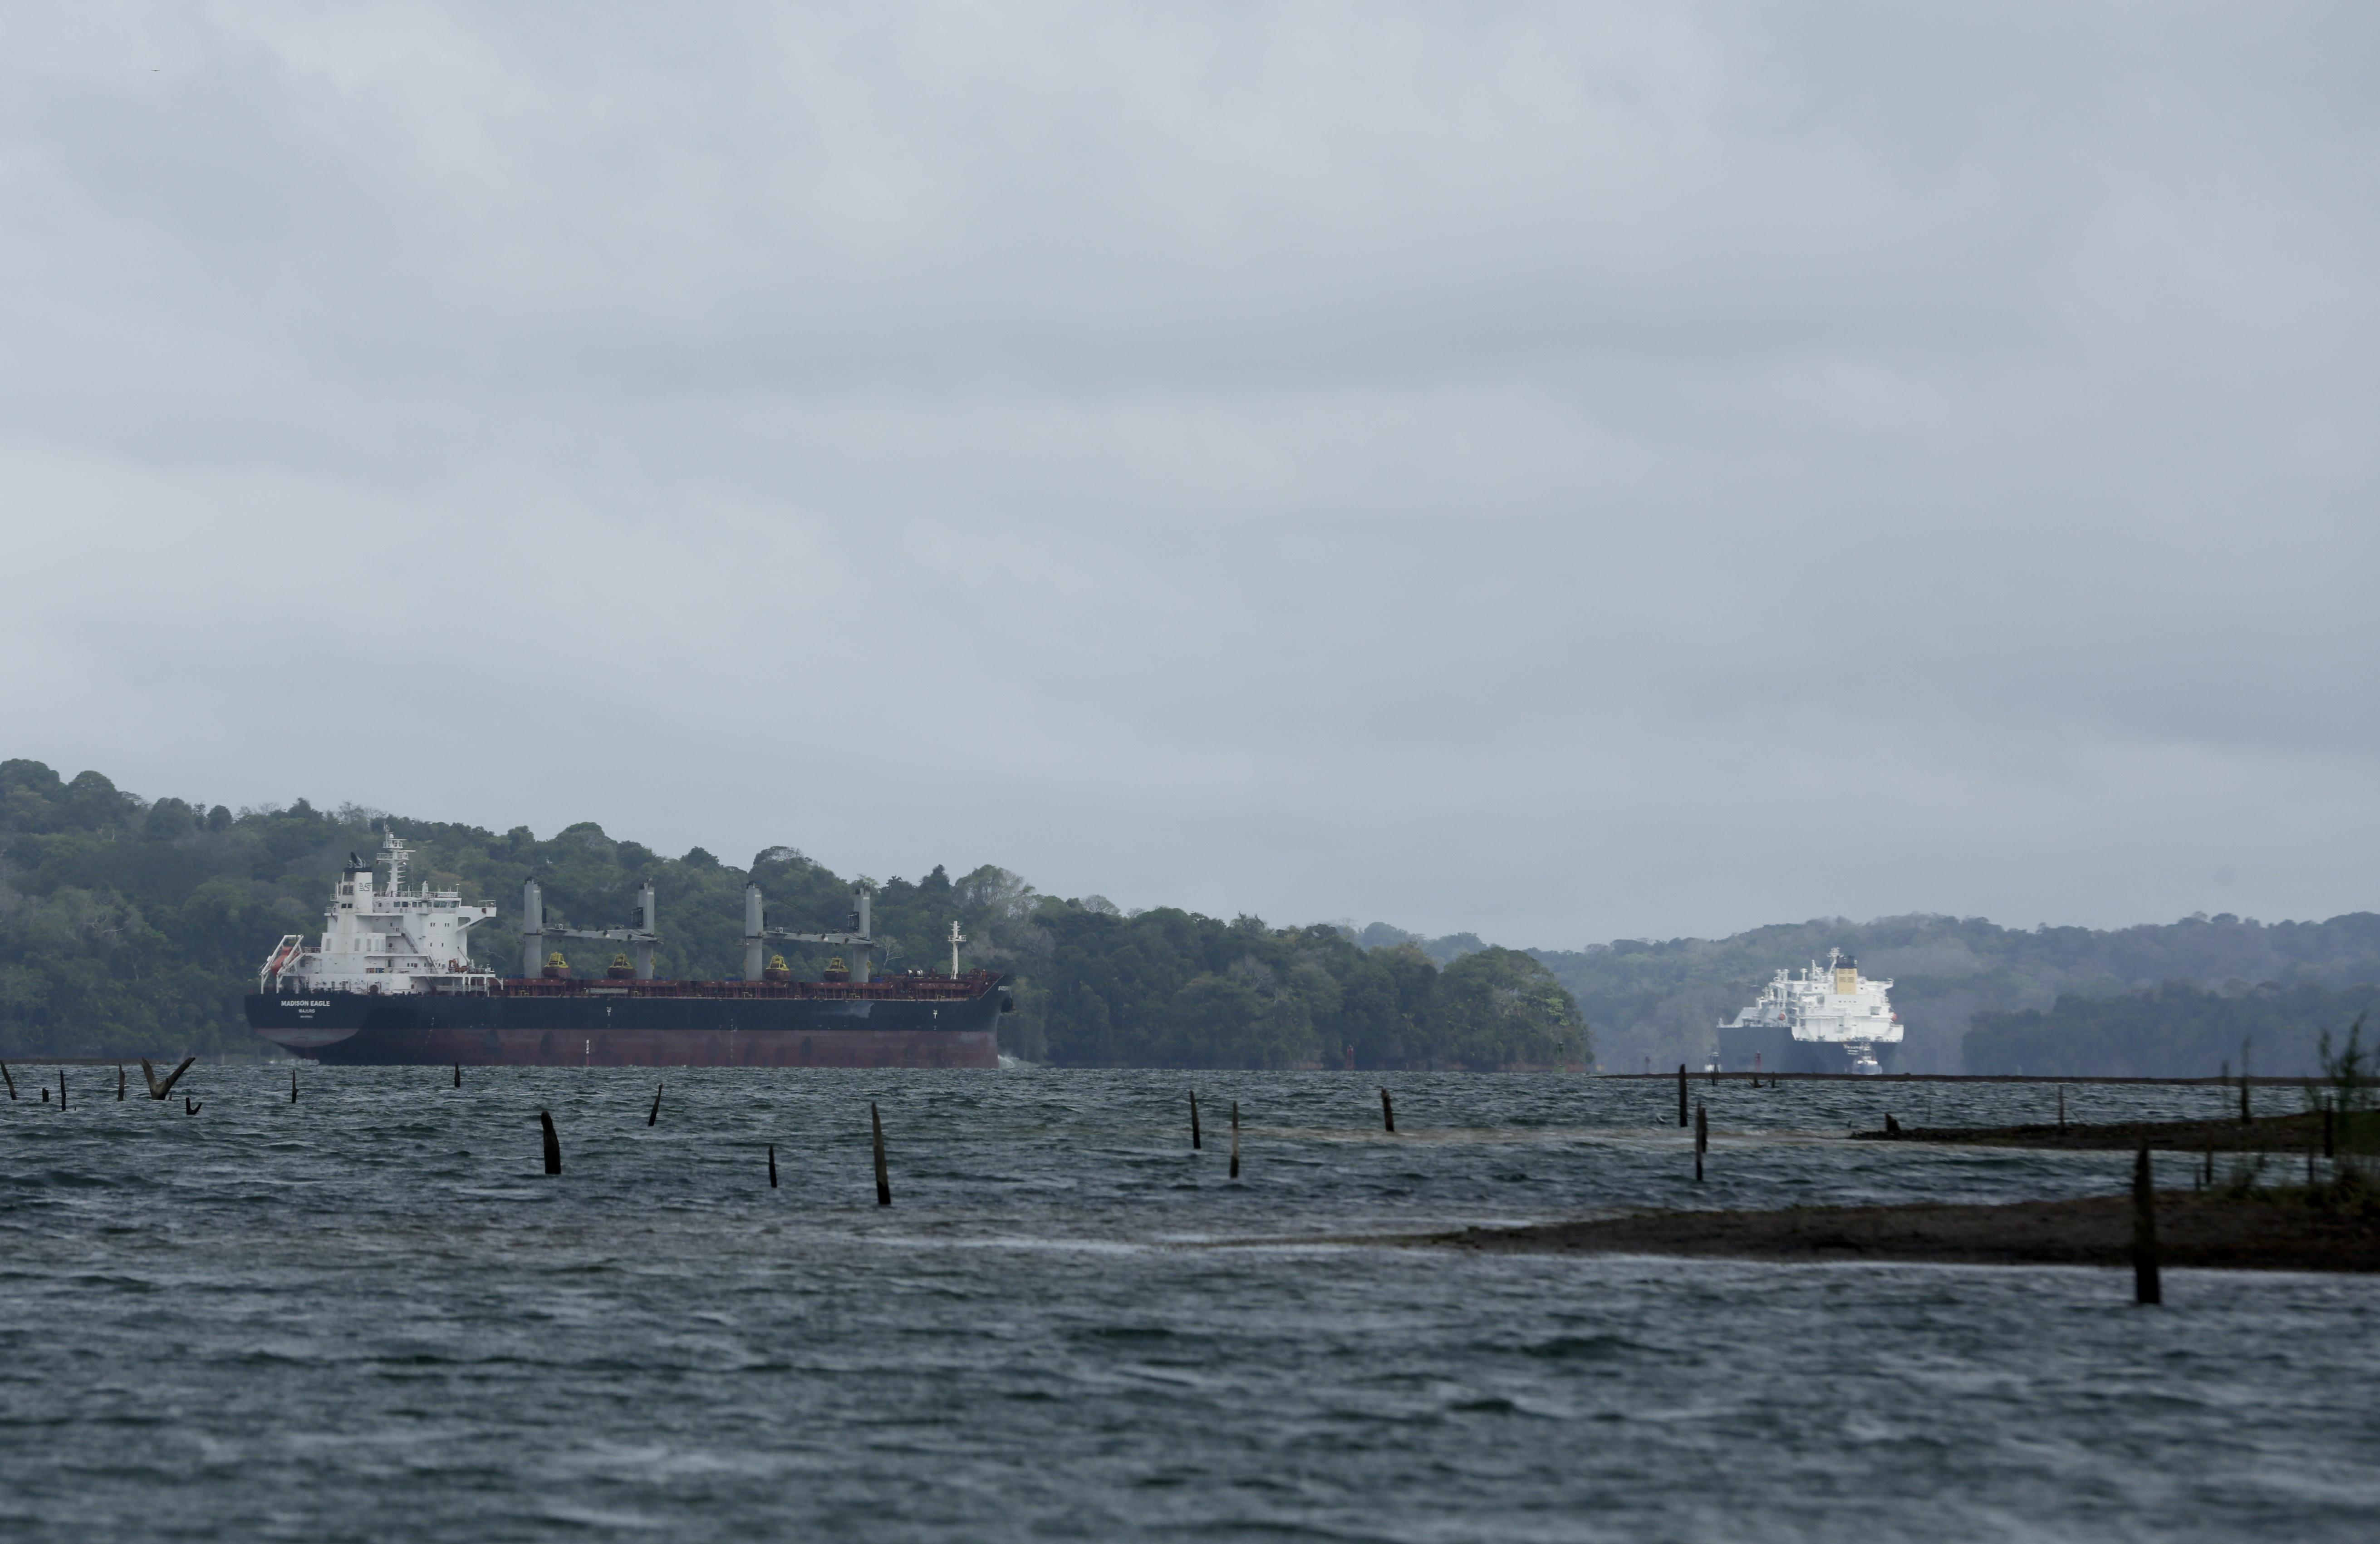 En esta imagen, tomada el 21 de abril de 2019, un buque mercante recorre el Canal de Panamá en ruta hacia el Océano Atlántico, mientras troncos de árboles que solían estar sumergidos quedan a la vista por el bajo nivel del agua en el lago Gatún, en Panamá. (AP Foto/Arnulfo Franco)